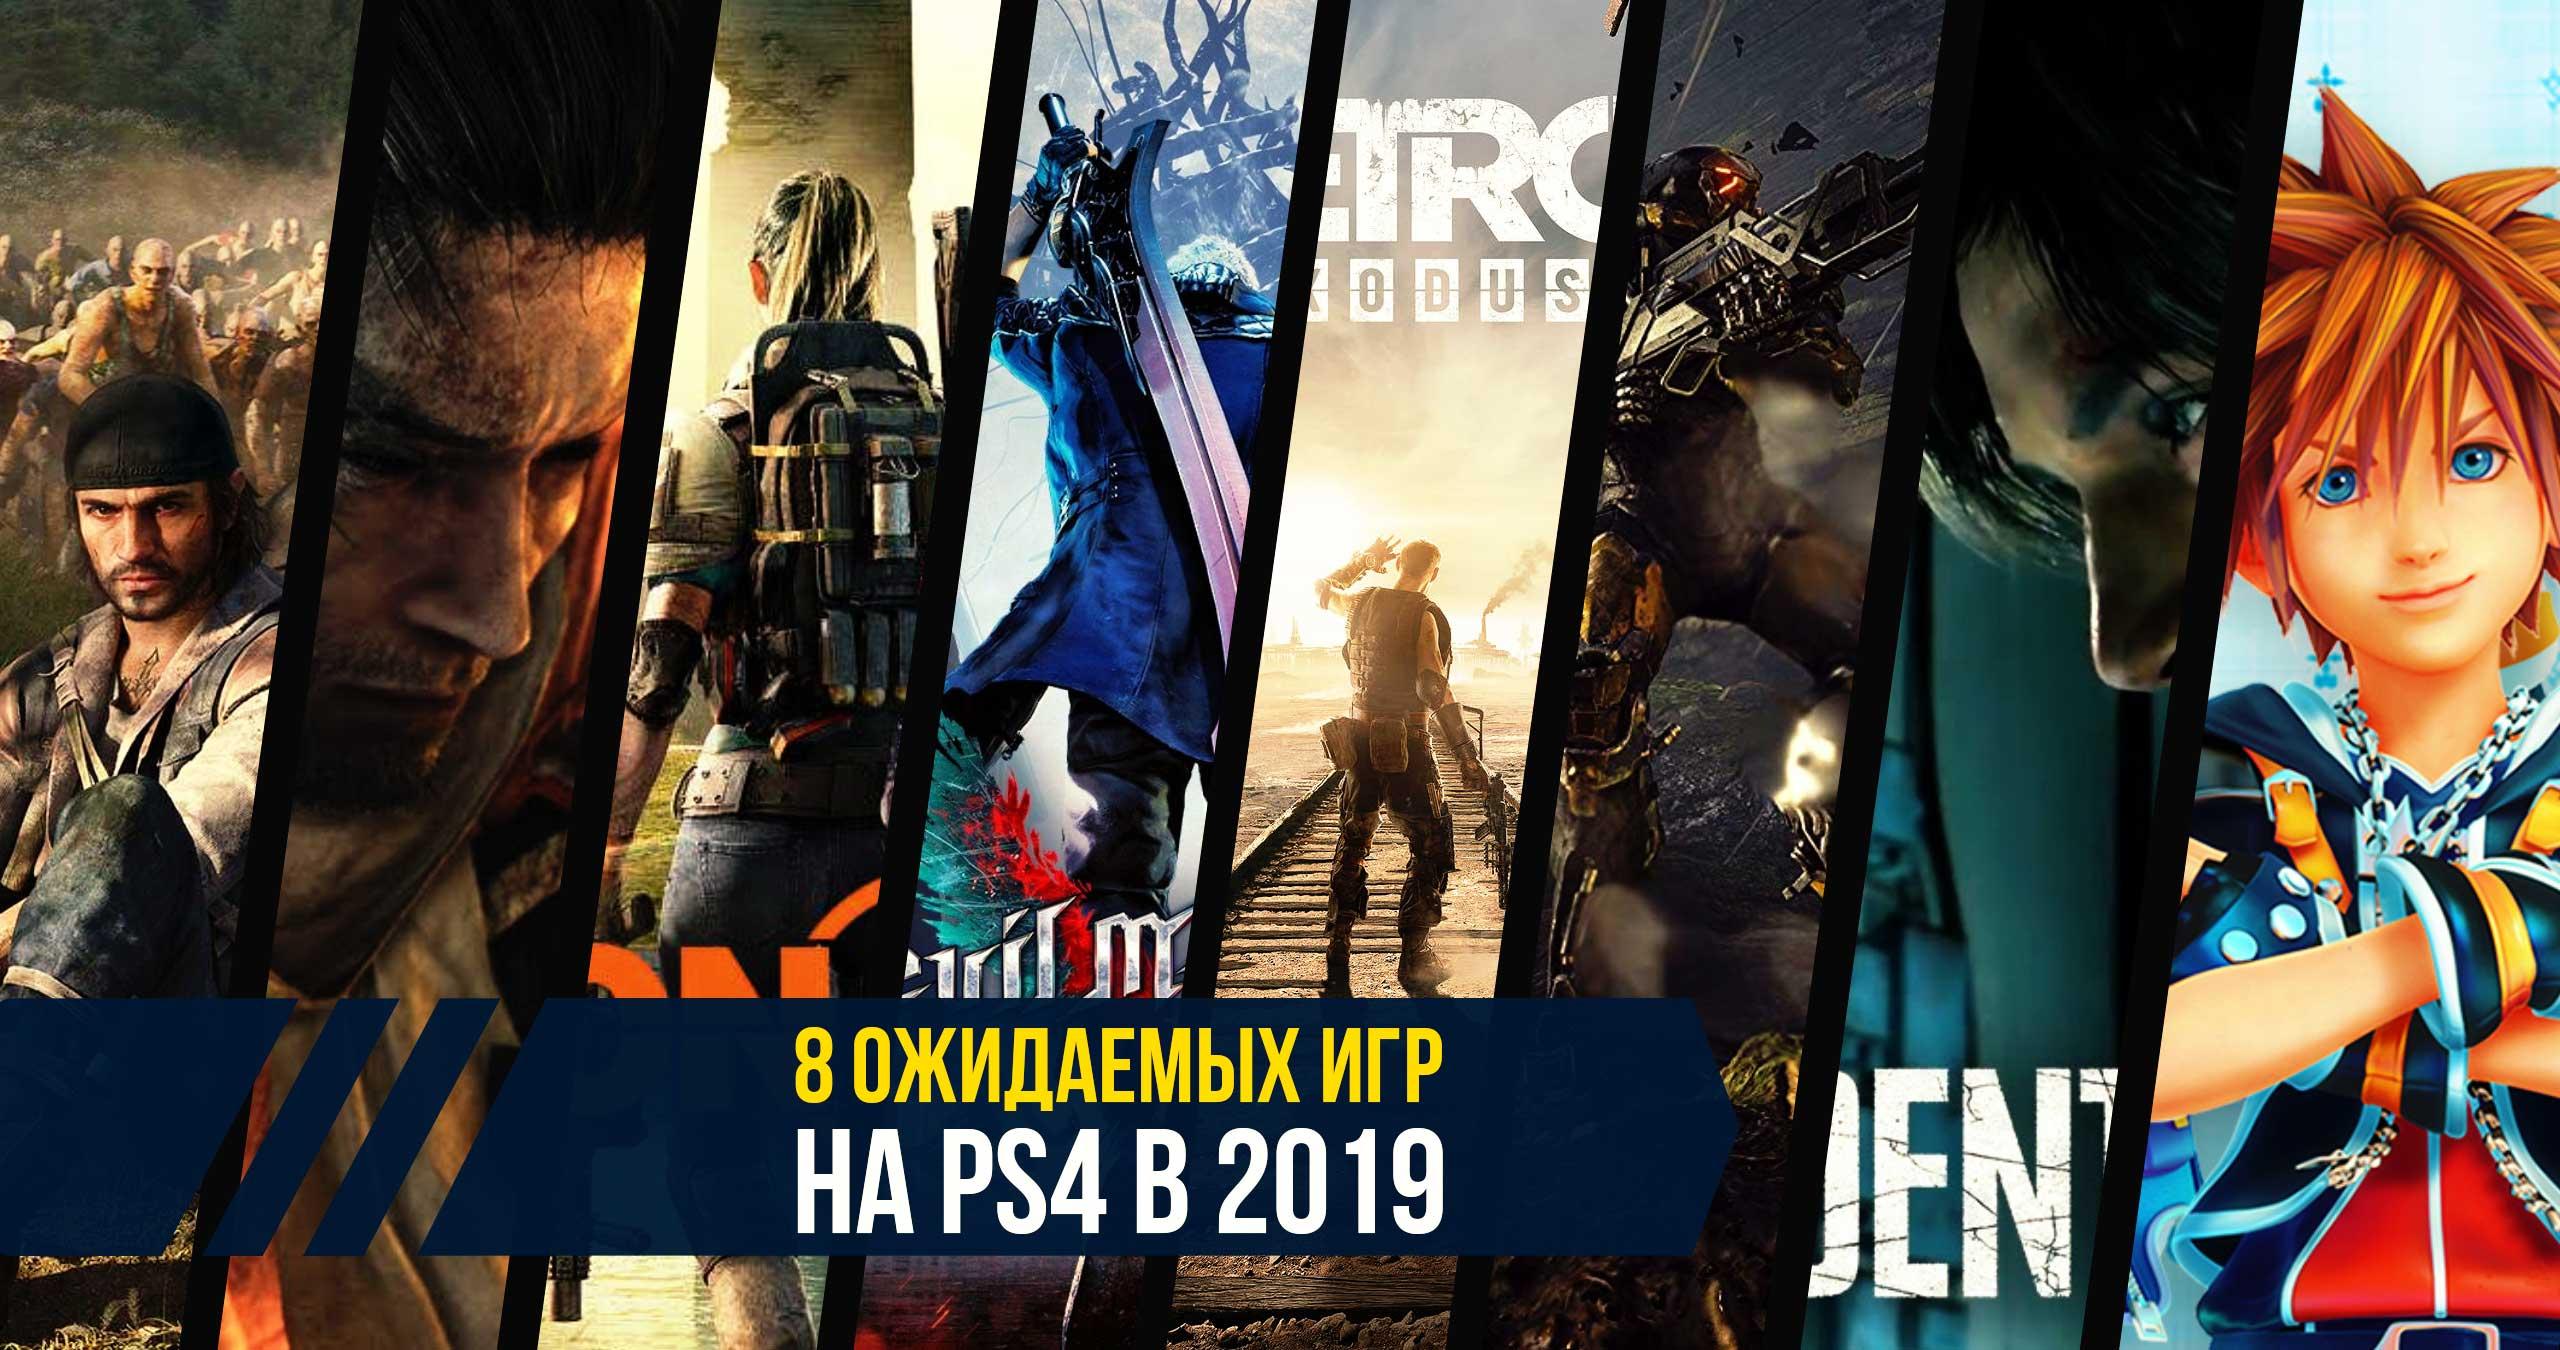 8 самых ожидаемых видеоигр на PS4 в 2019